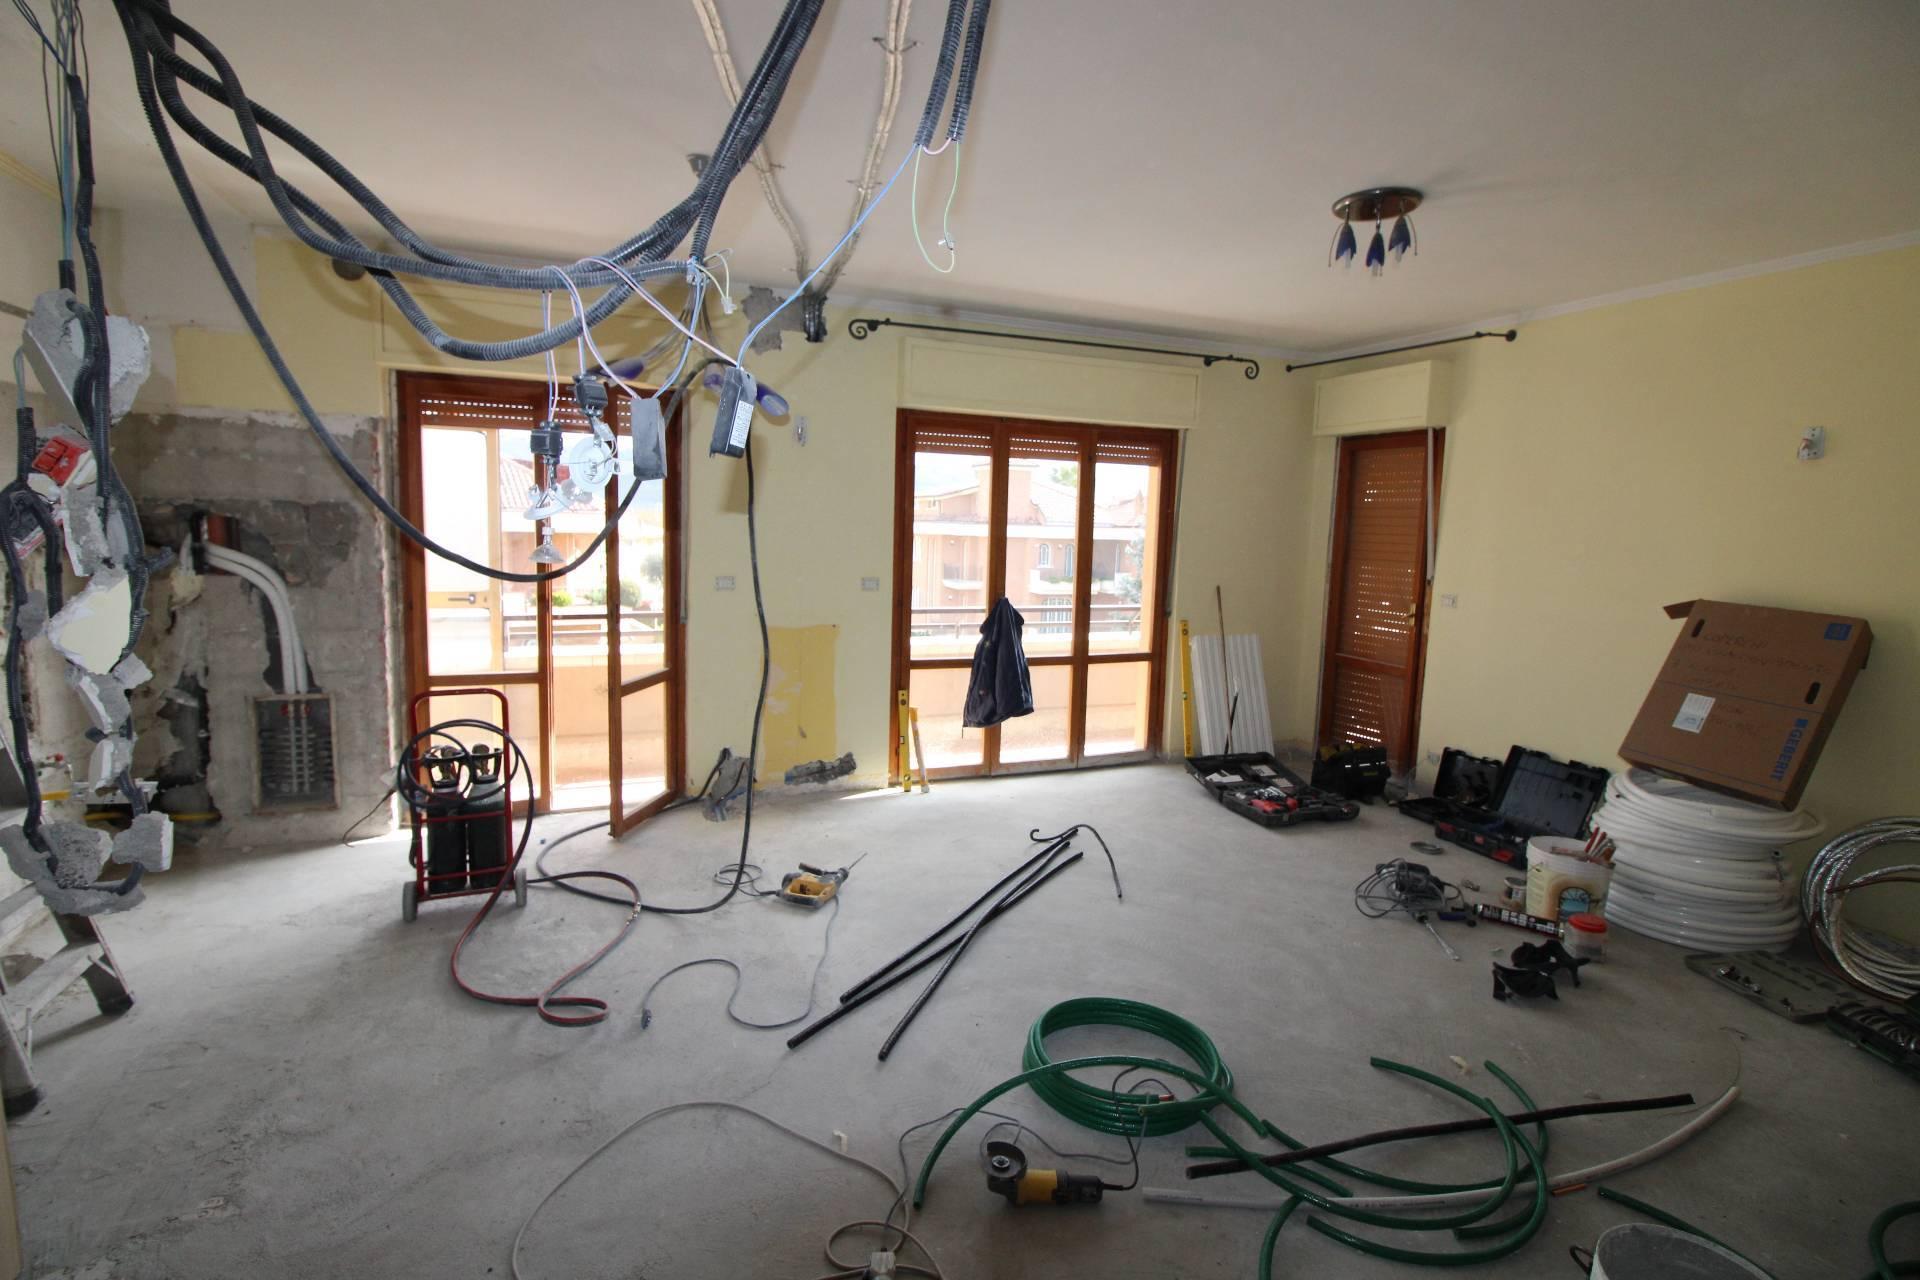 Appartamento in vendita a Monteprandone, 4 locali, zona Località: CENTOBUCHI(sottolasalaria, prezzo € 180.000   PortaleAgenzieImmobiliari.it